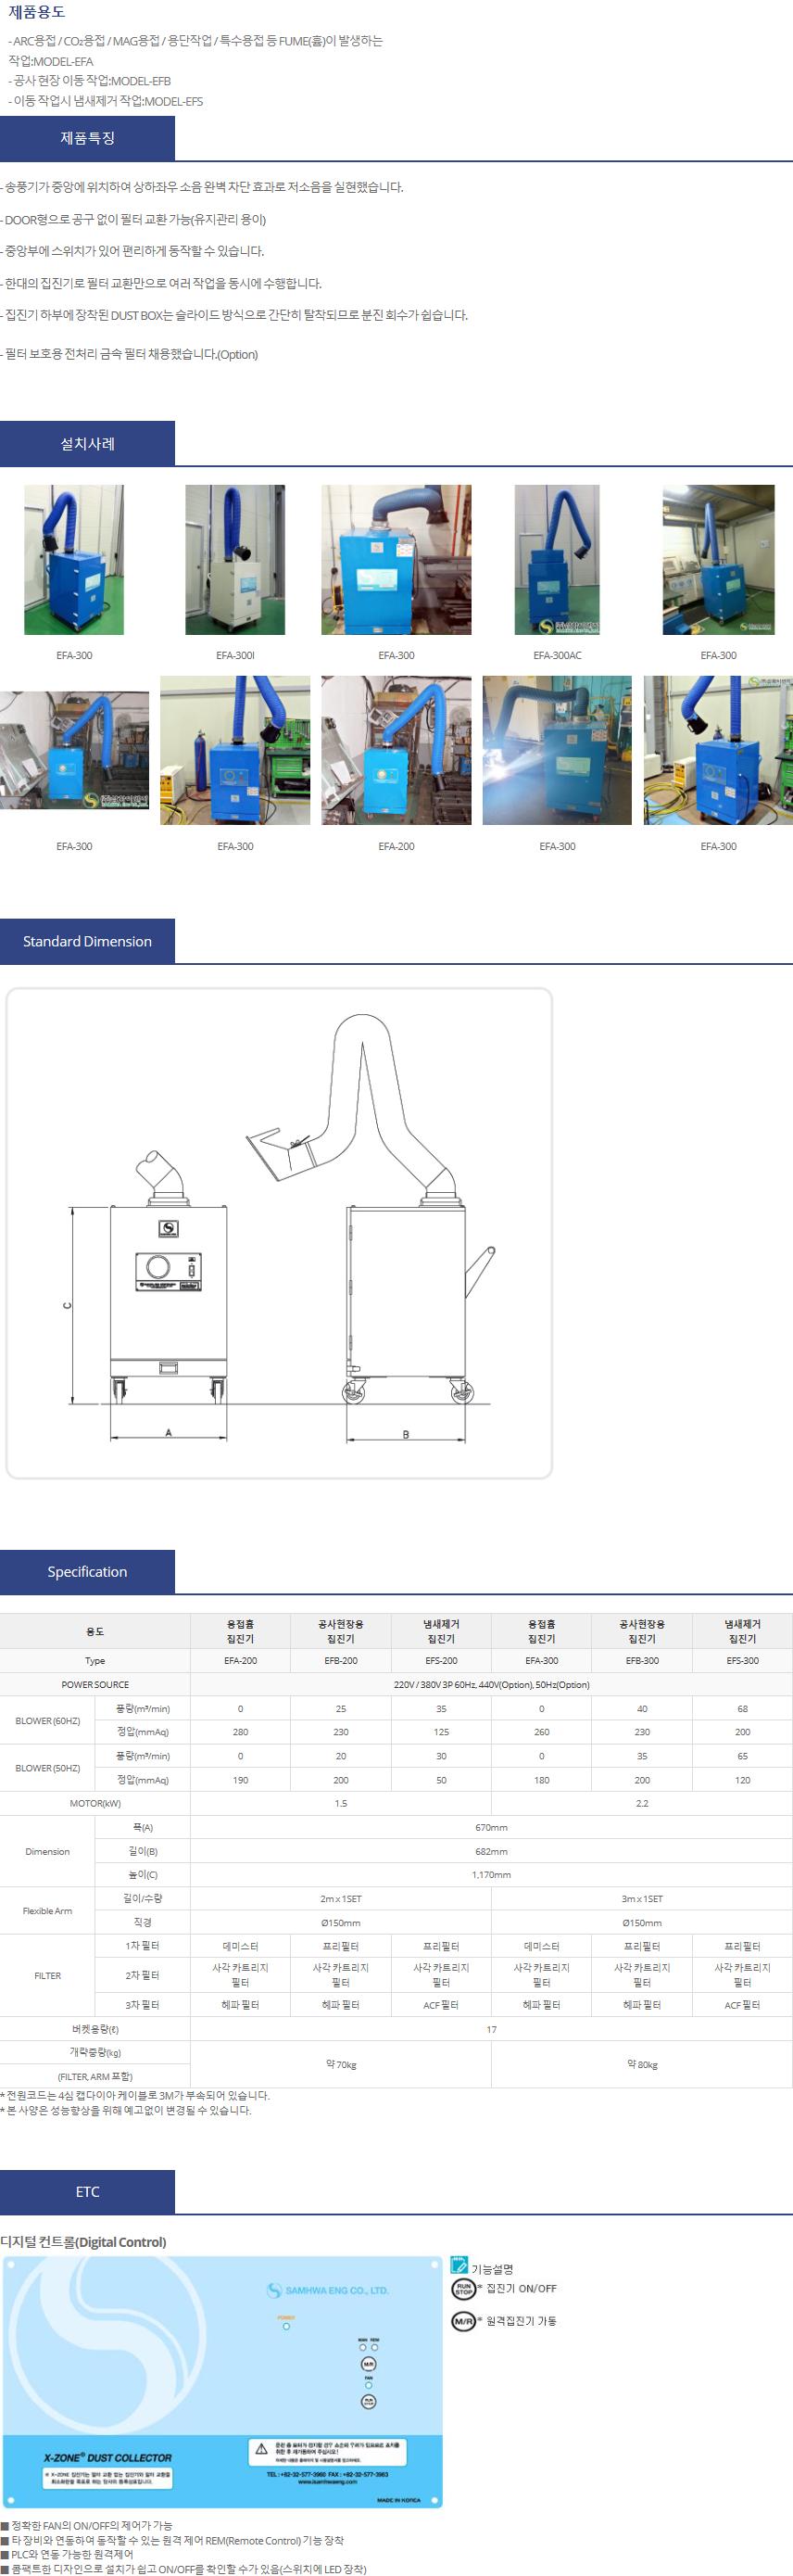 (주)삼화이엔지 용접 흄 집진기 EF Series 1